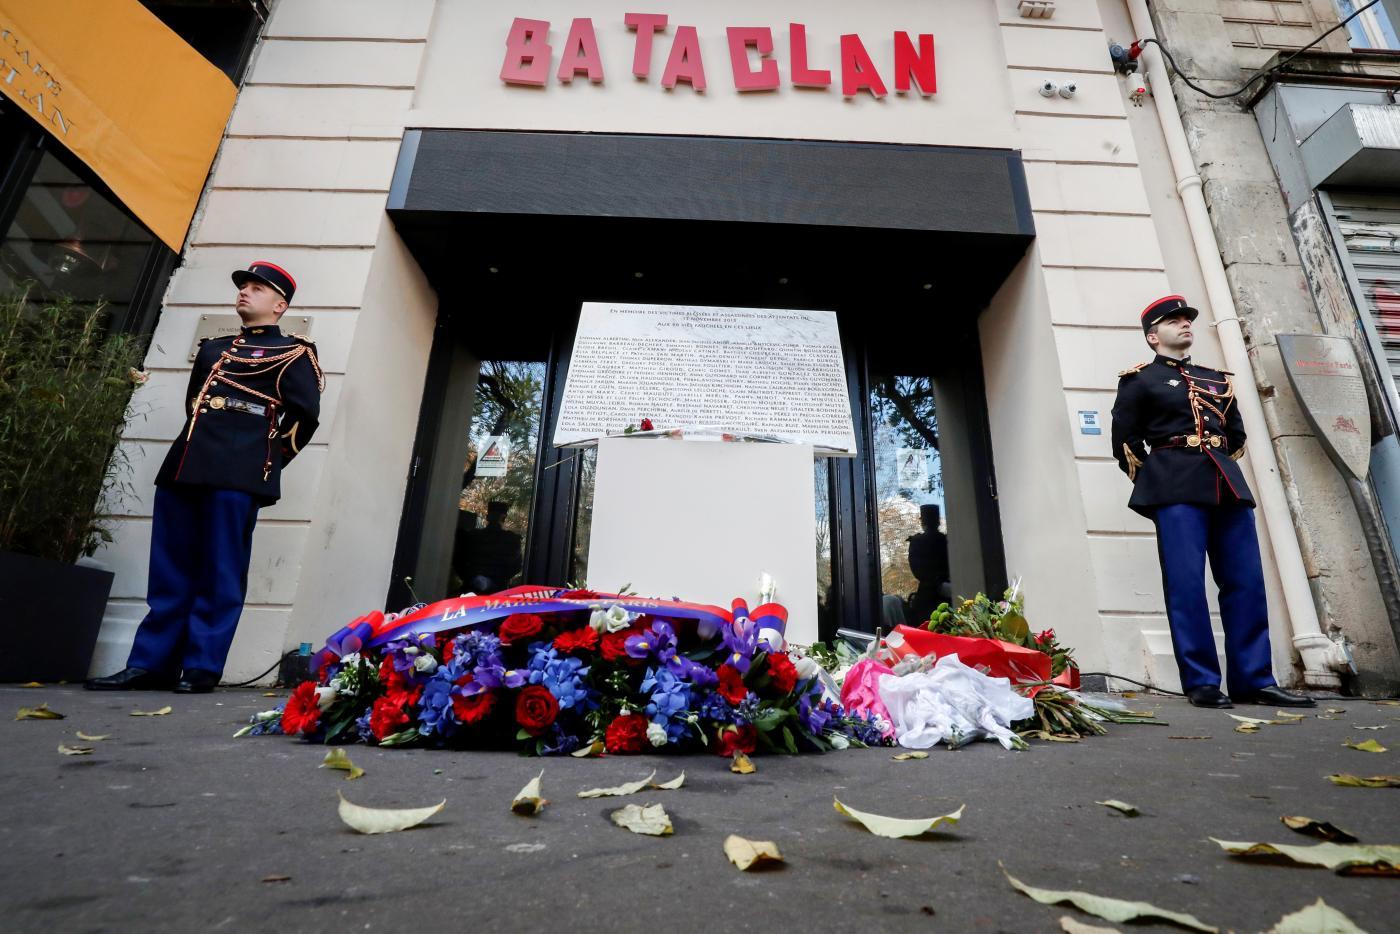 How Elite US Newspapers Ignore Muslim Victims of Terrorism